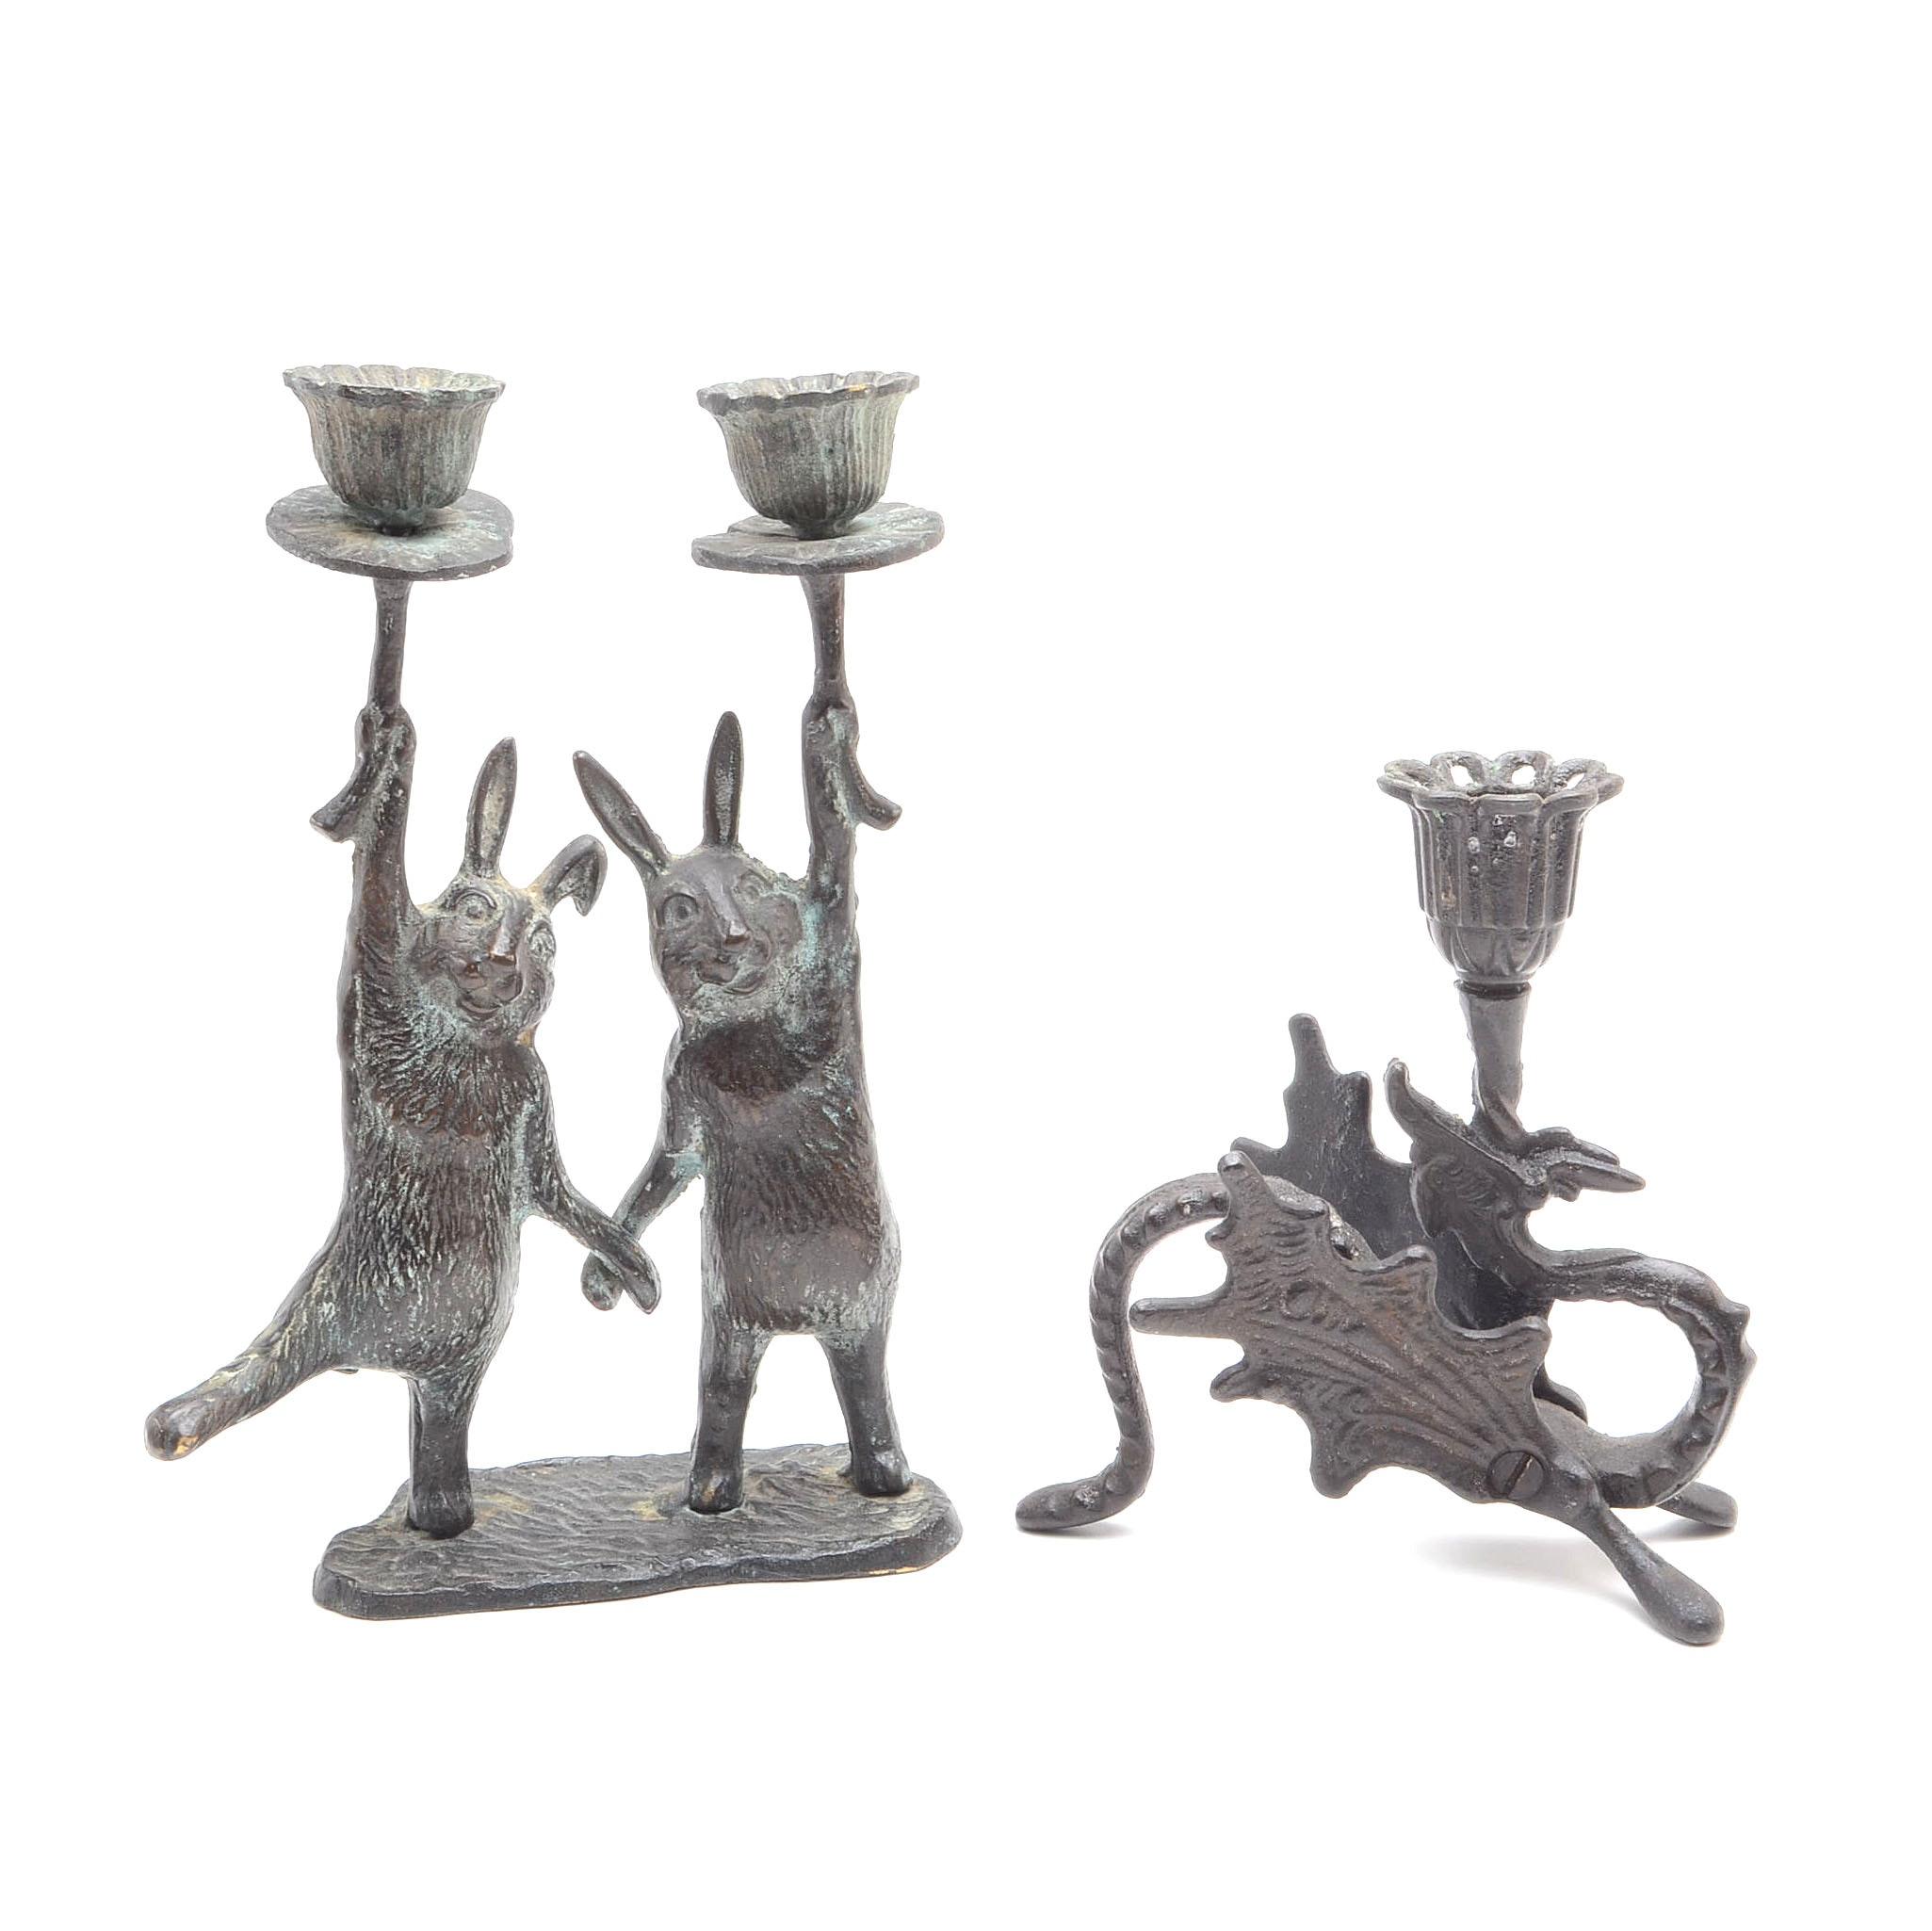 Vintage Figural Candlestick Holders